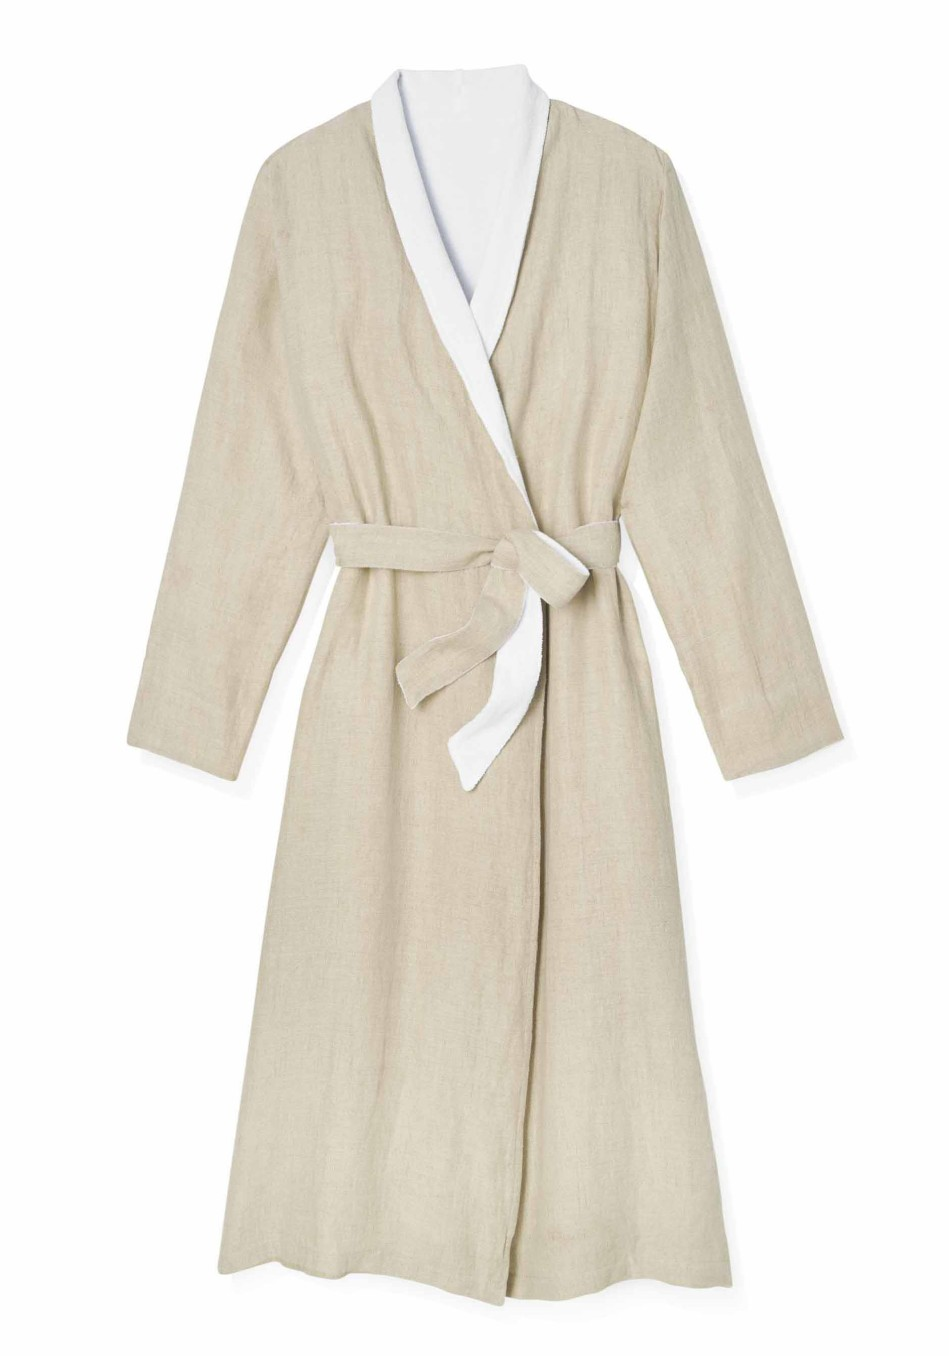 Oprahs Favorite Things 2016 Full List Coyuchi Linen